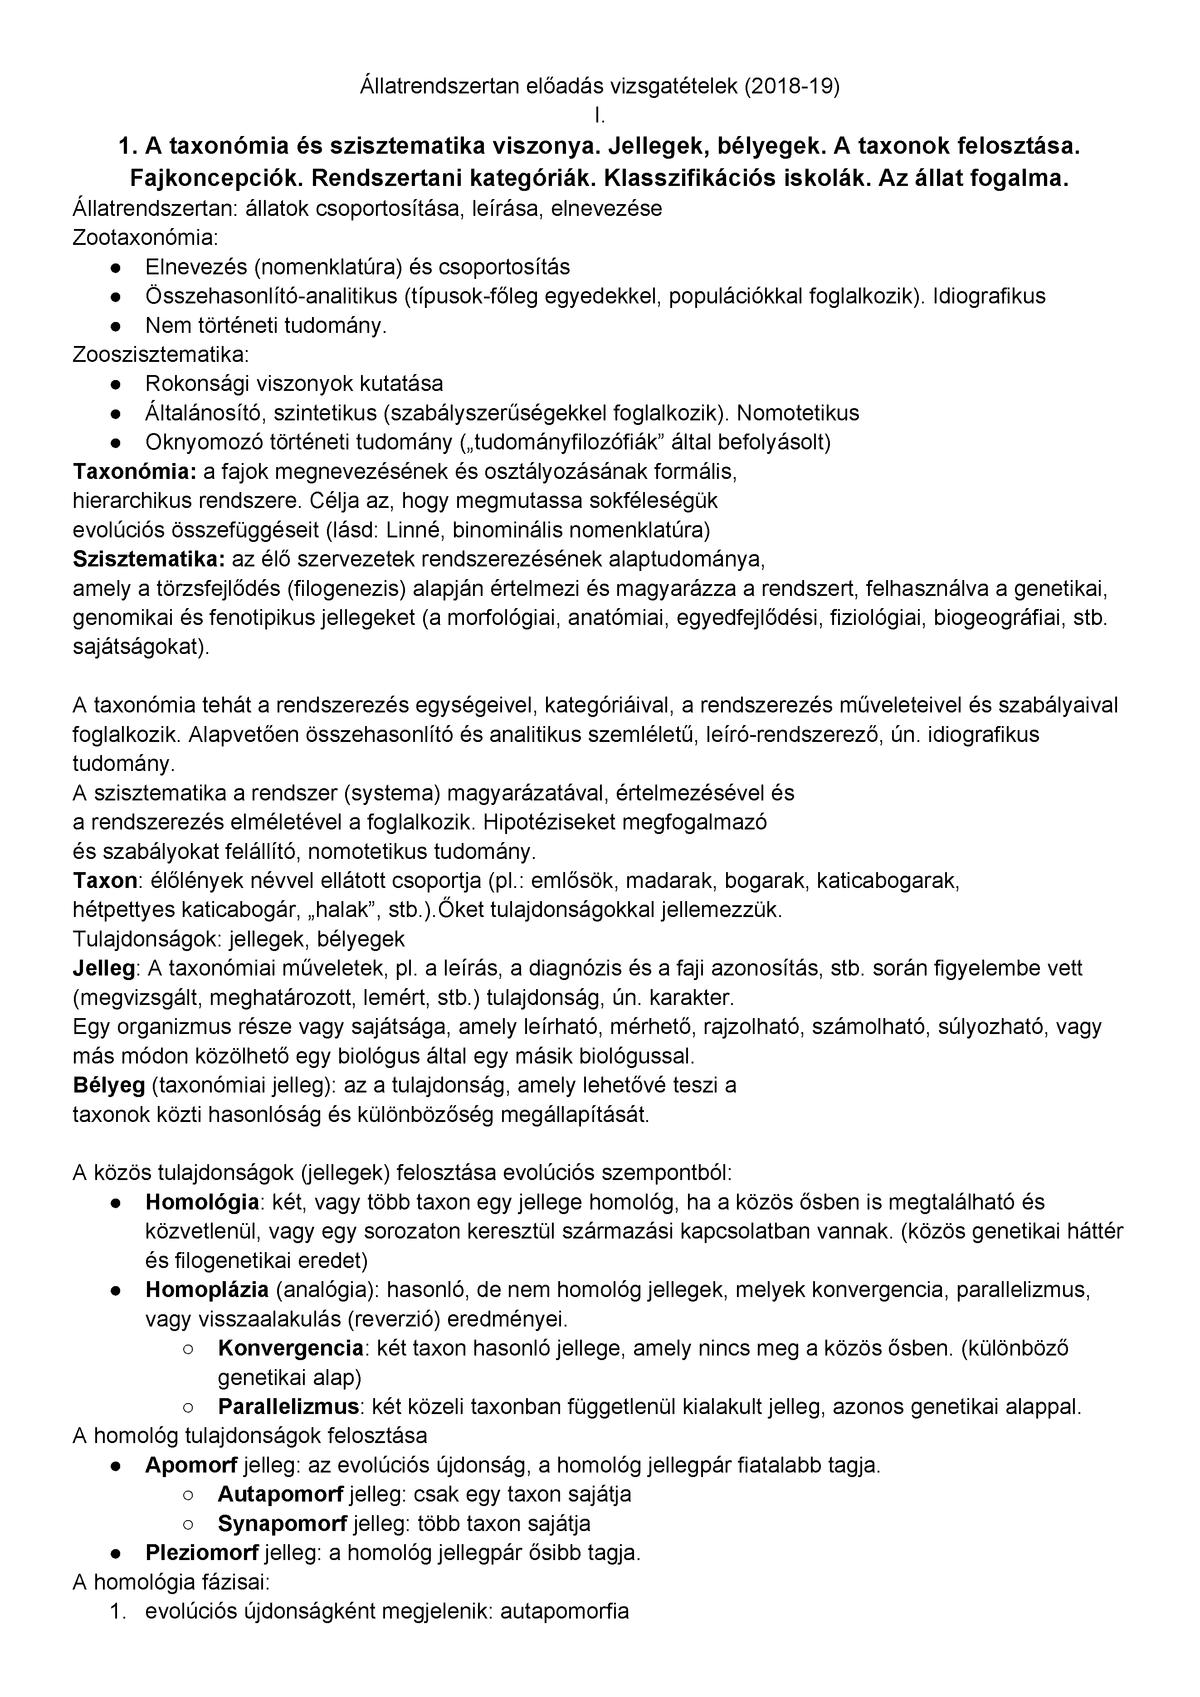 Ribizli paraziták elleni küzdelem - setalo.hu